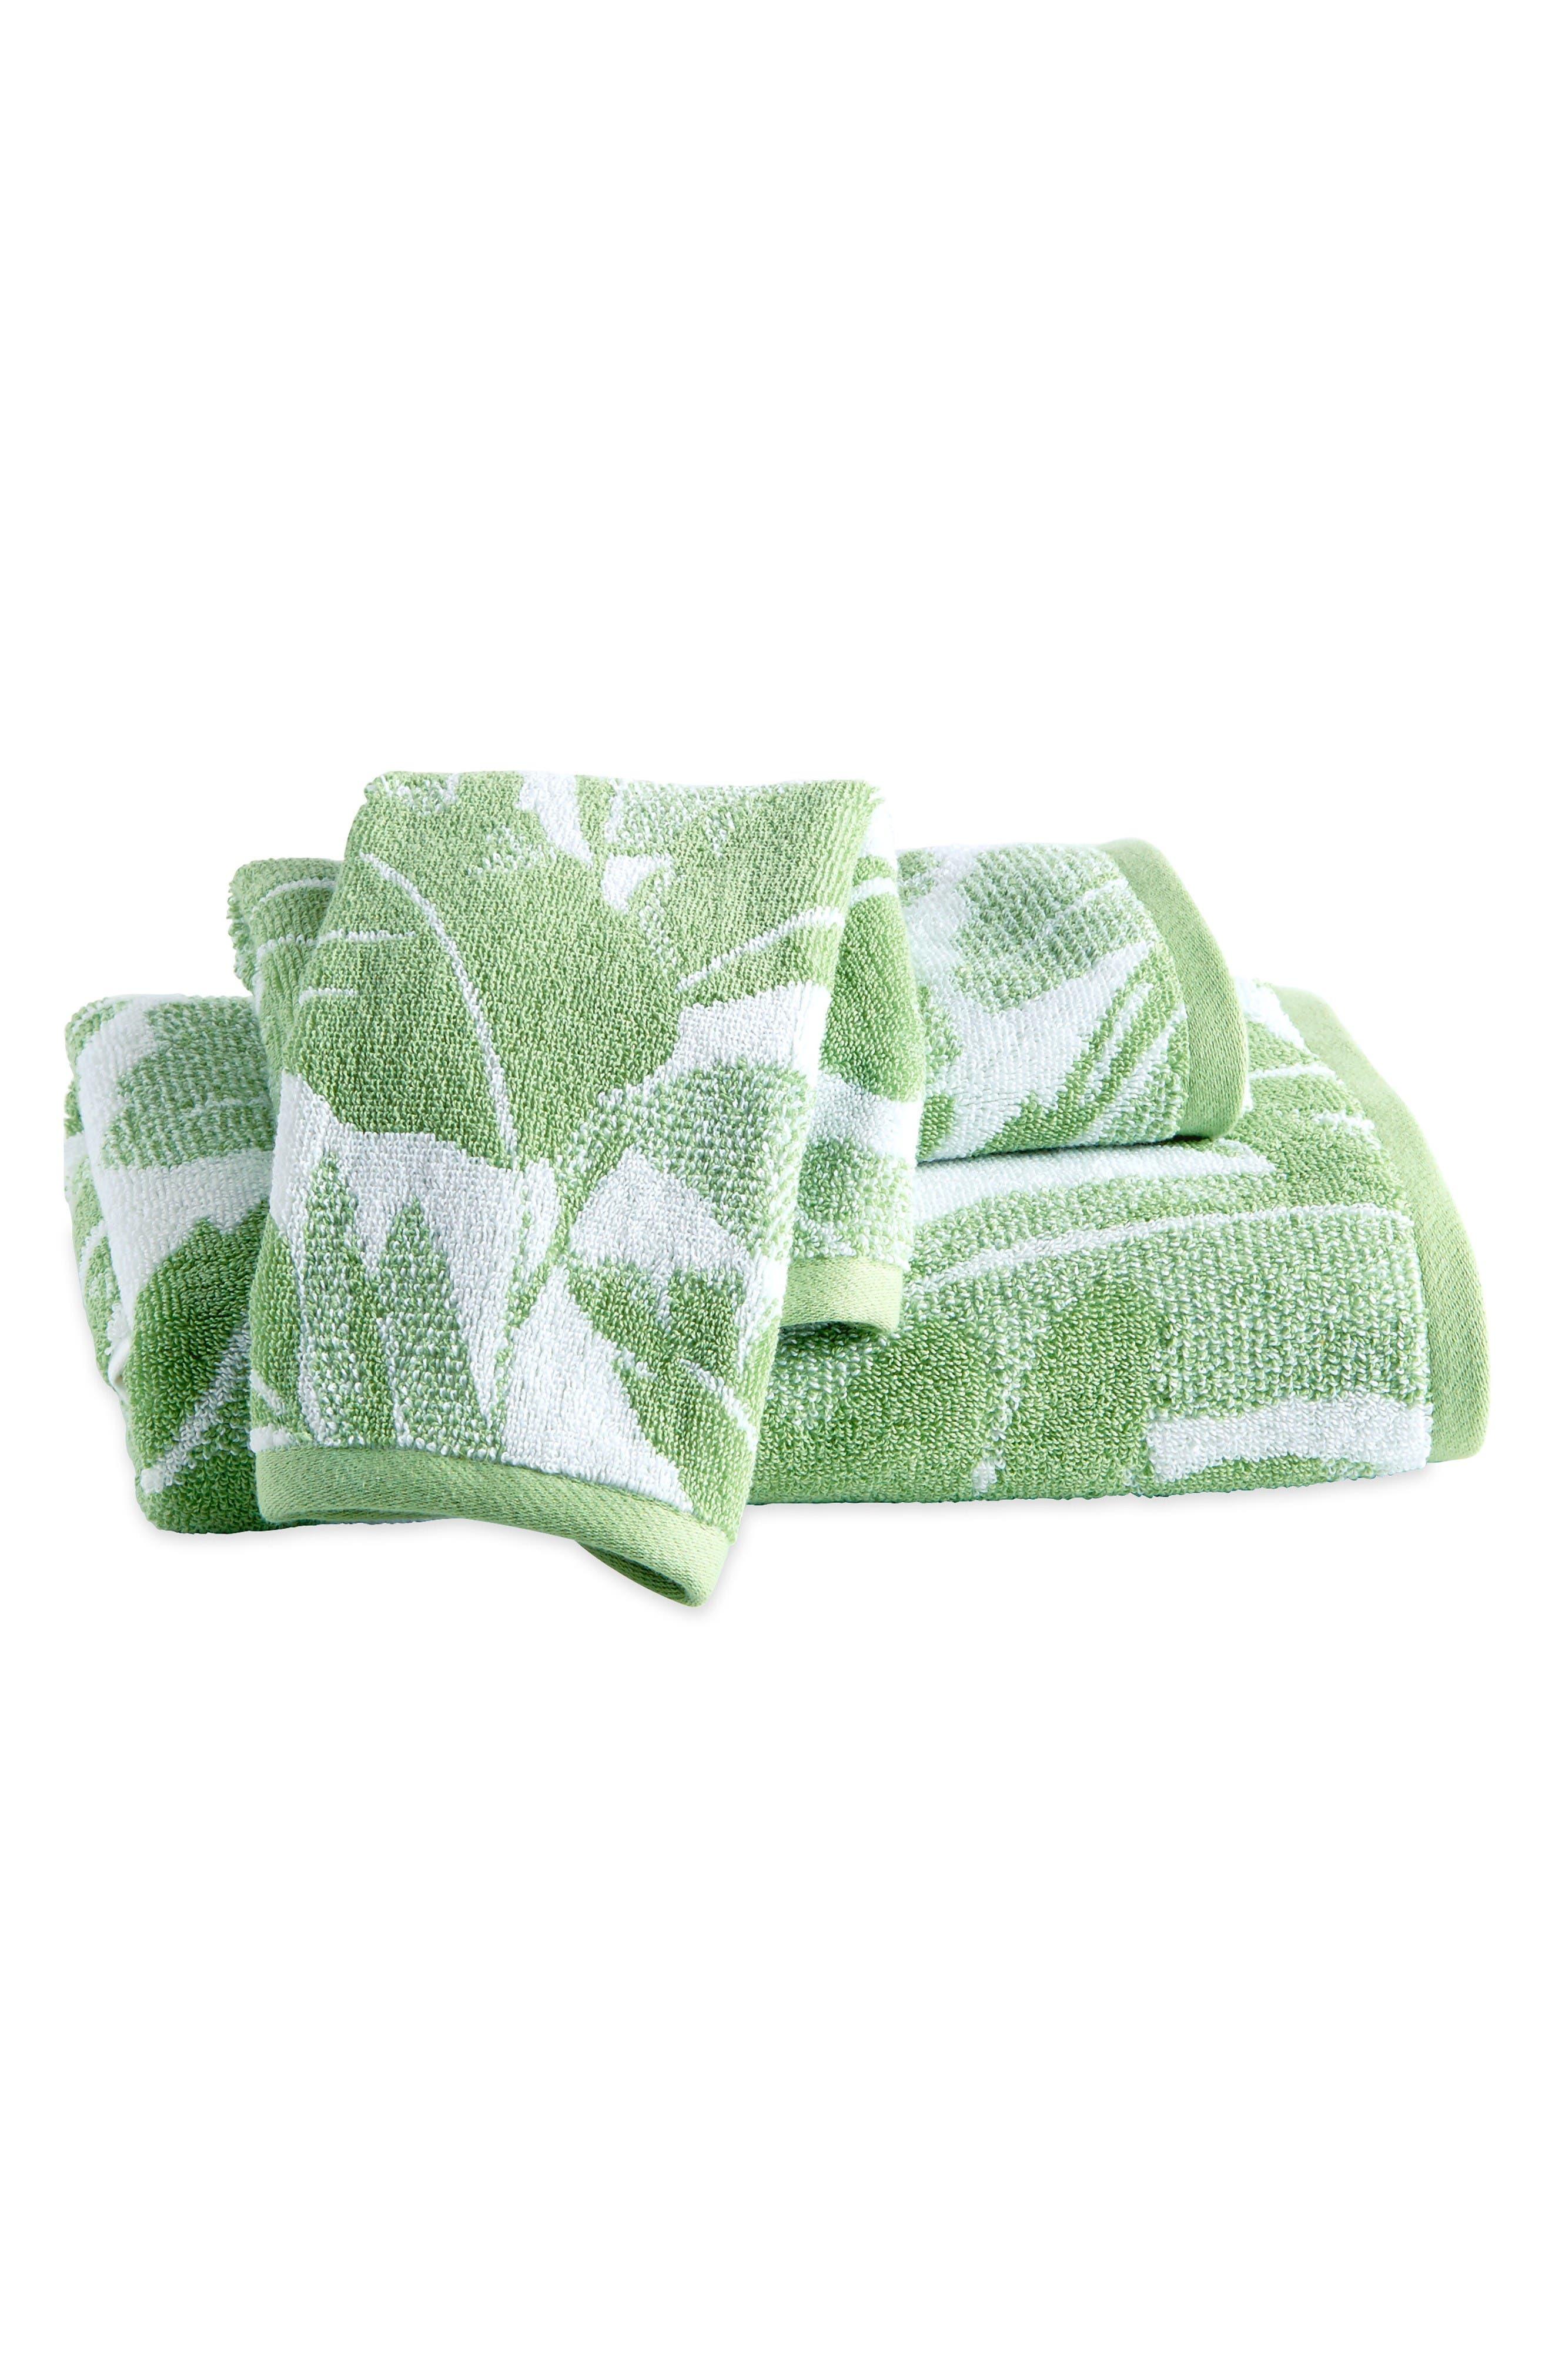 Destinations Miami Leaf Bath Towel, Hand Towel and Washcloth Set